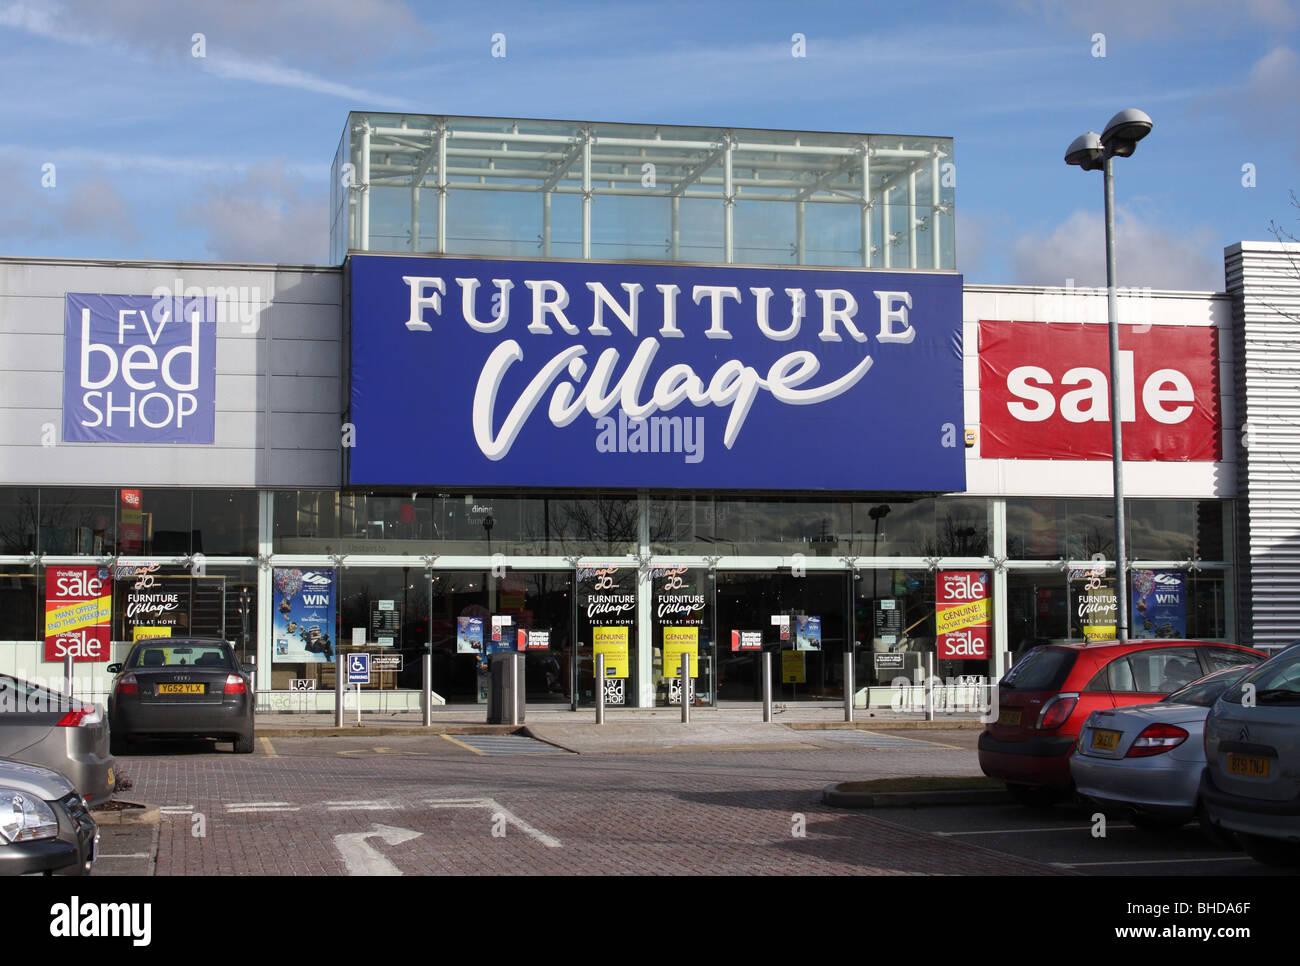 Un villaggio di mobili retail outlet su un retail park a Nottingham, Inghilterra, Regno Unito Immagini Stock